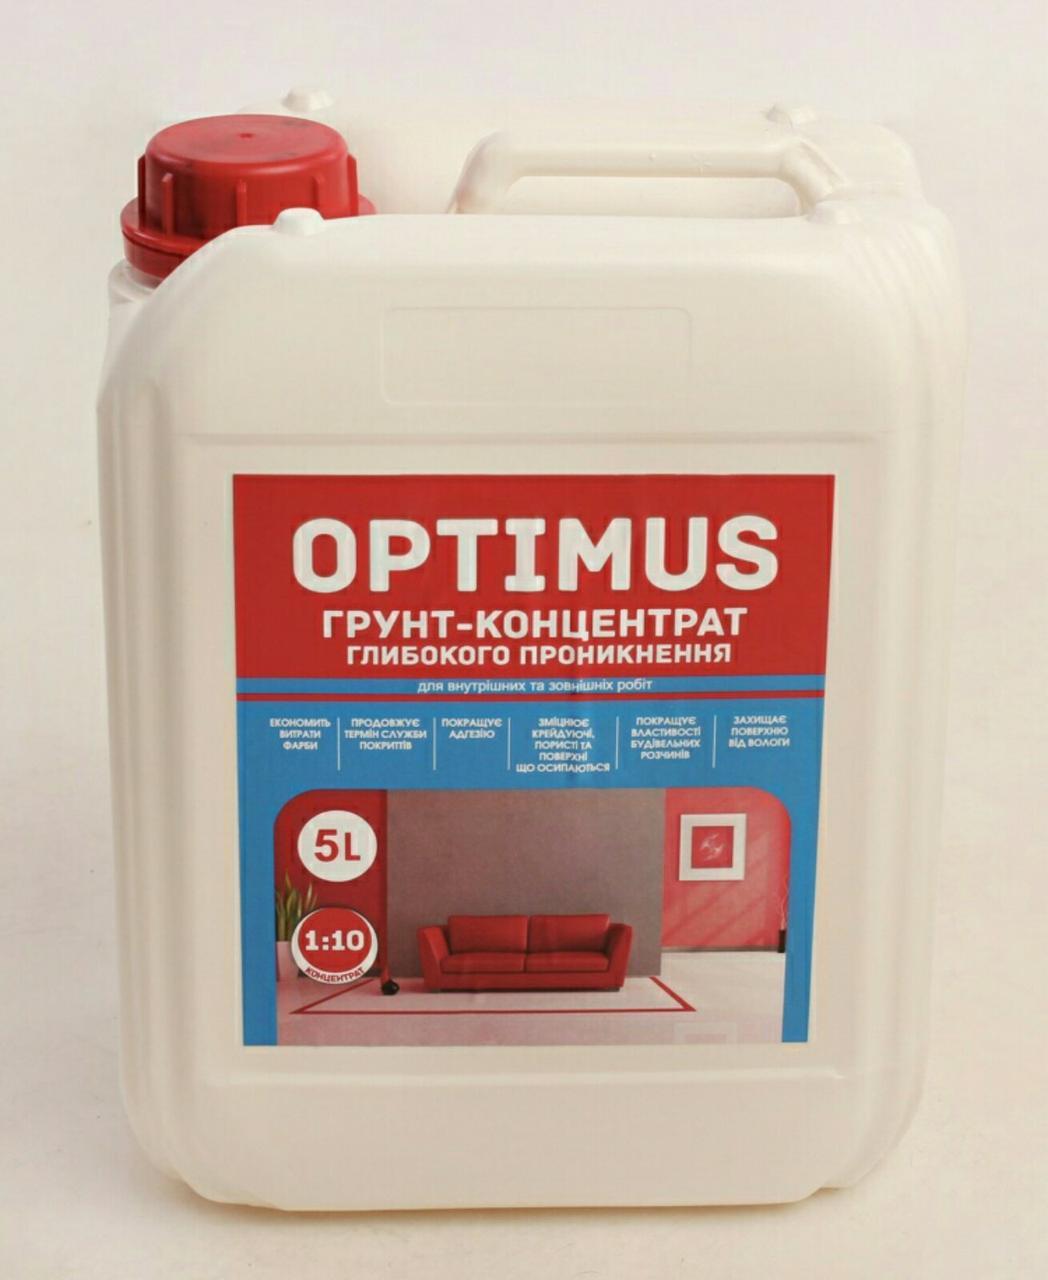 Нанофарб Optimus грунт-концентрат - 5 л